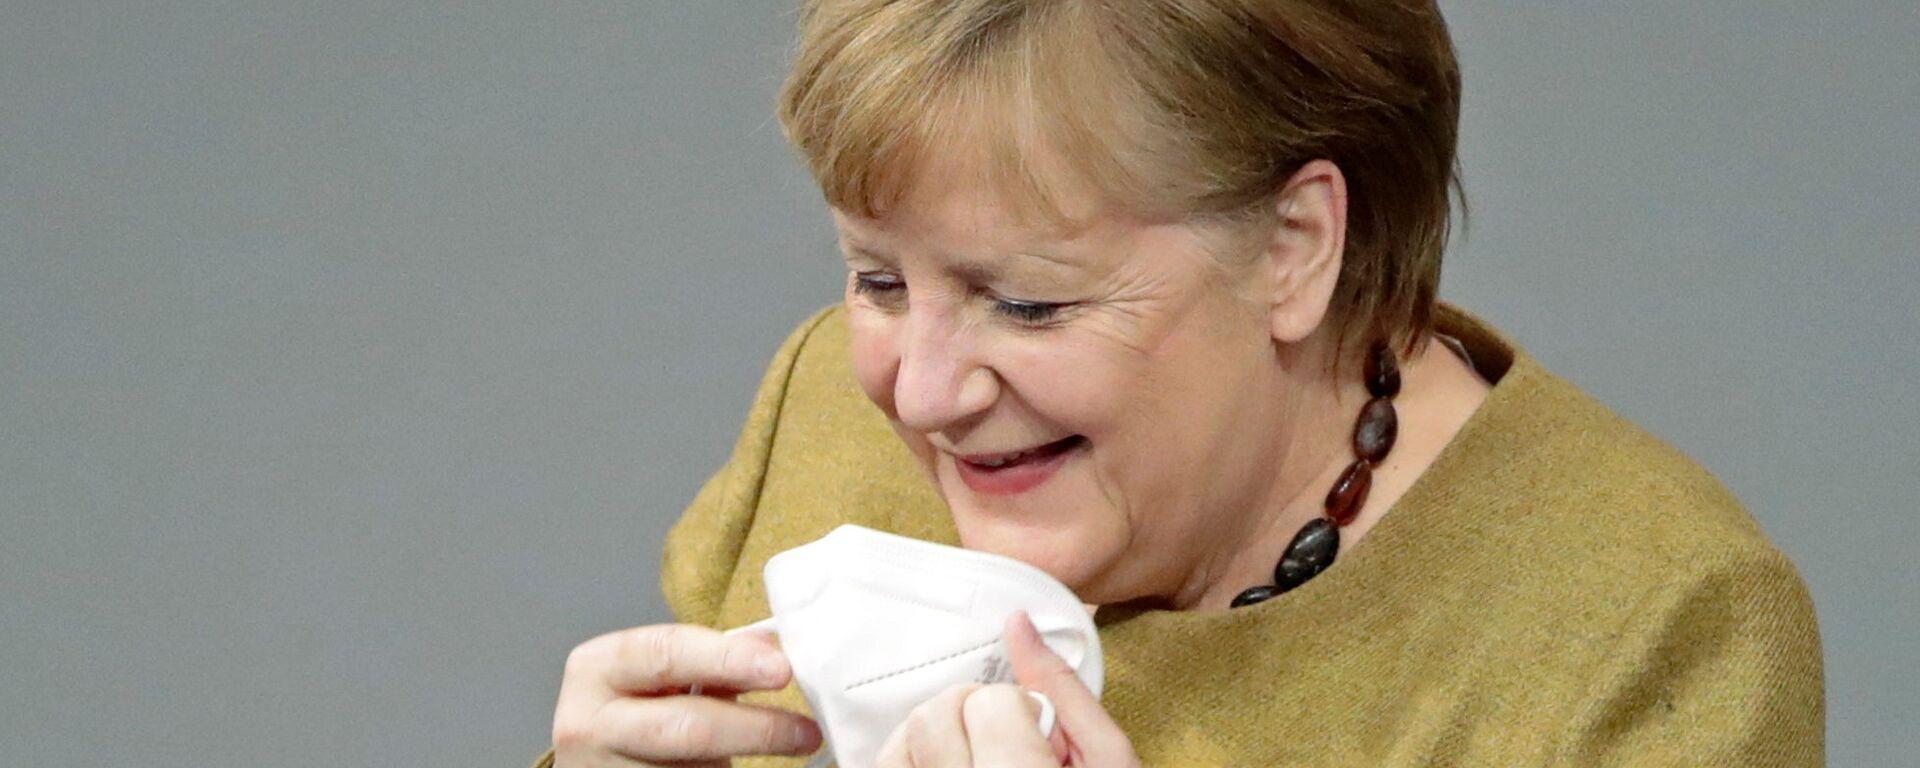 Německá kancléřka Angela Merkelová si zapomněla nasadit roušku - Sputnik Česká republika, 1920, 13.07.2021